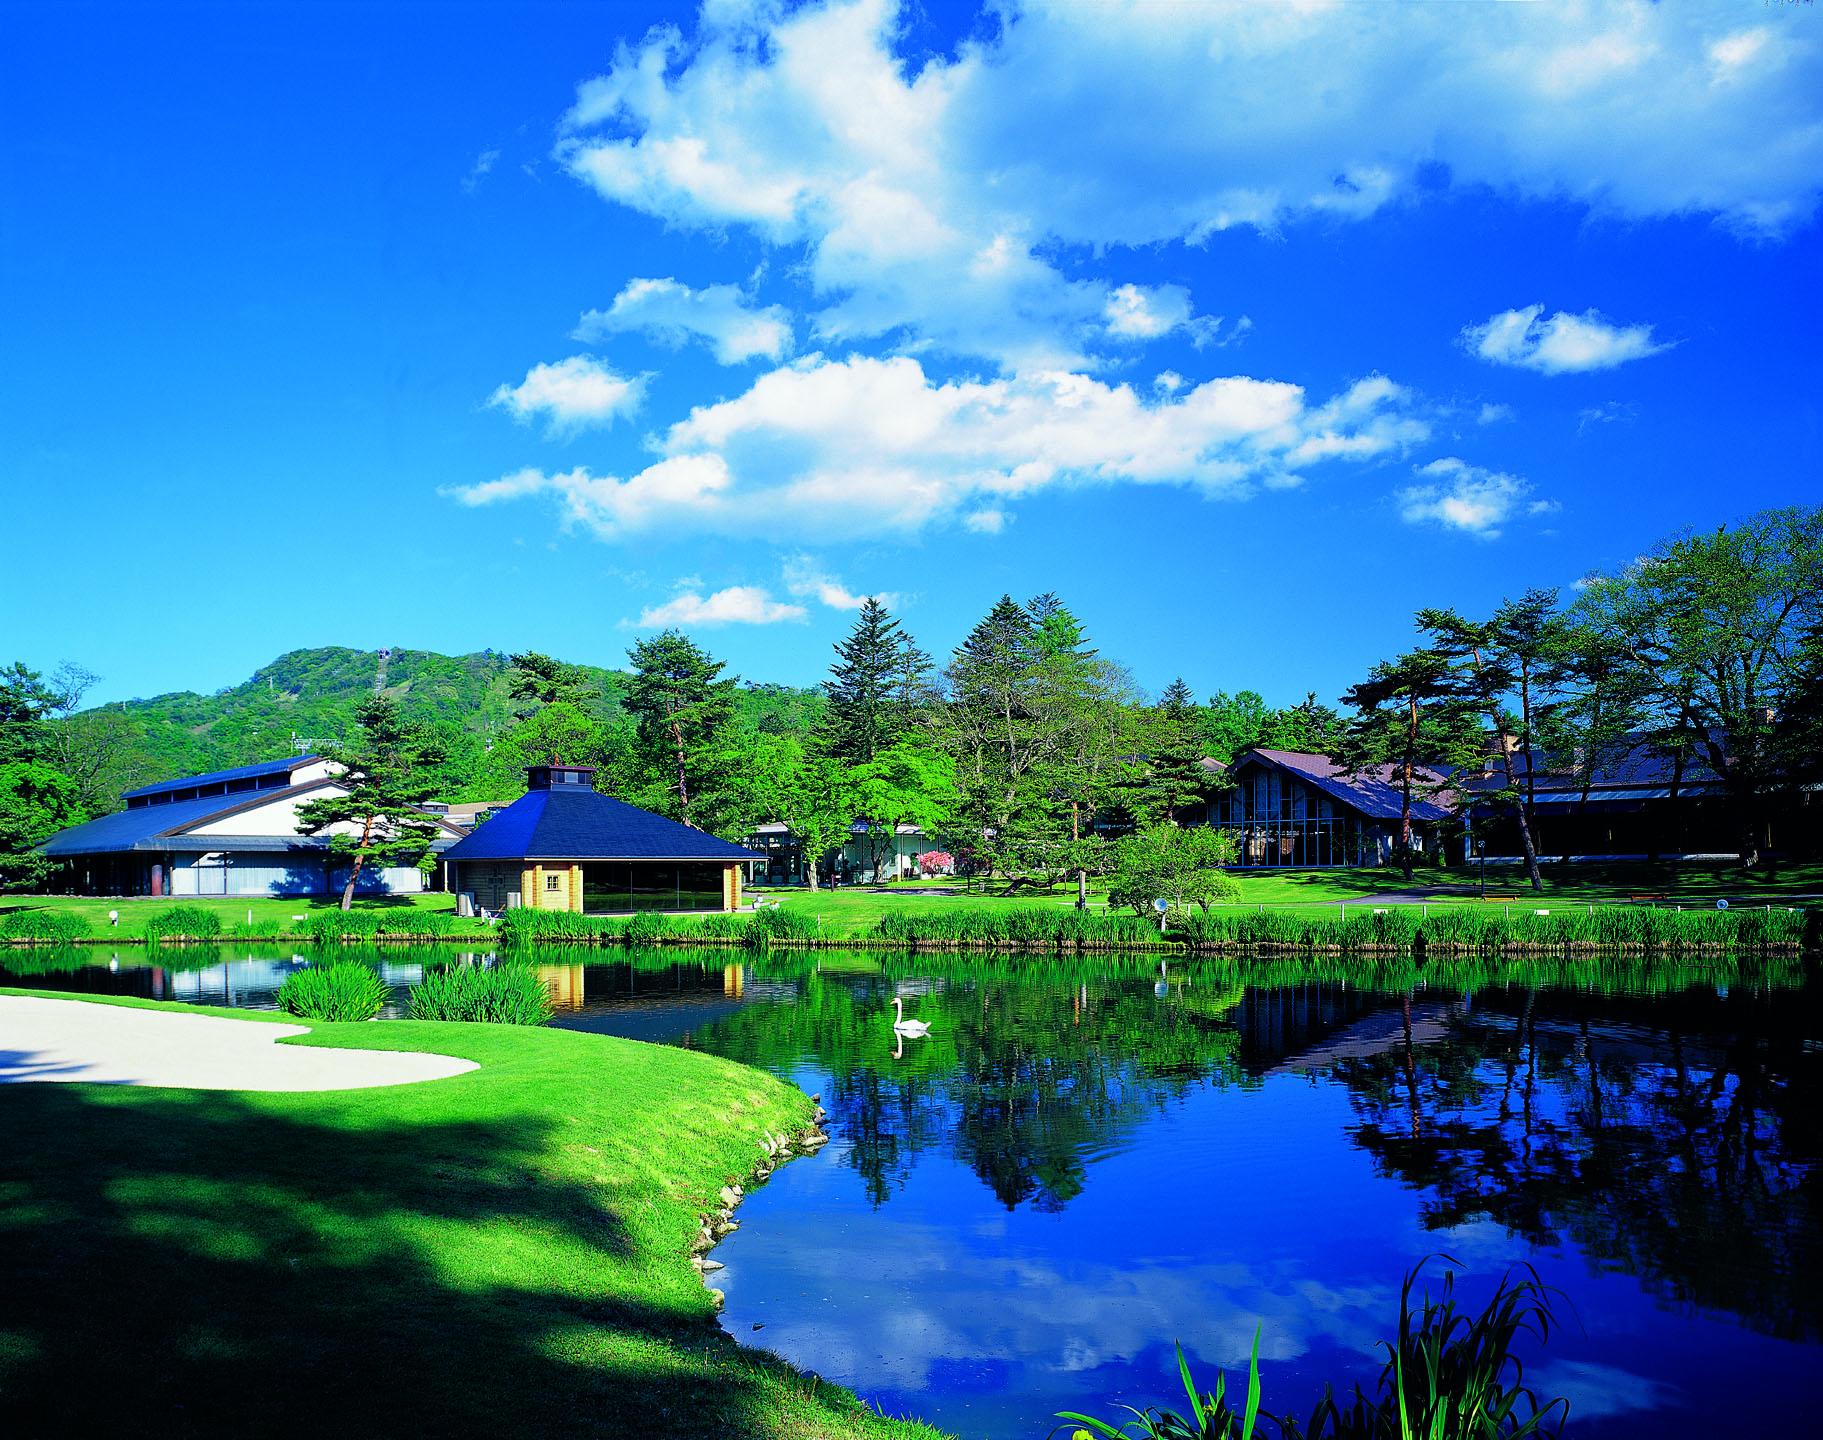 避暑地で過ごす優雅な大人の時間「軽井沢」を満喫しよう